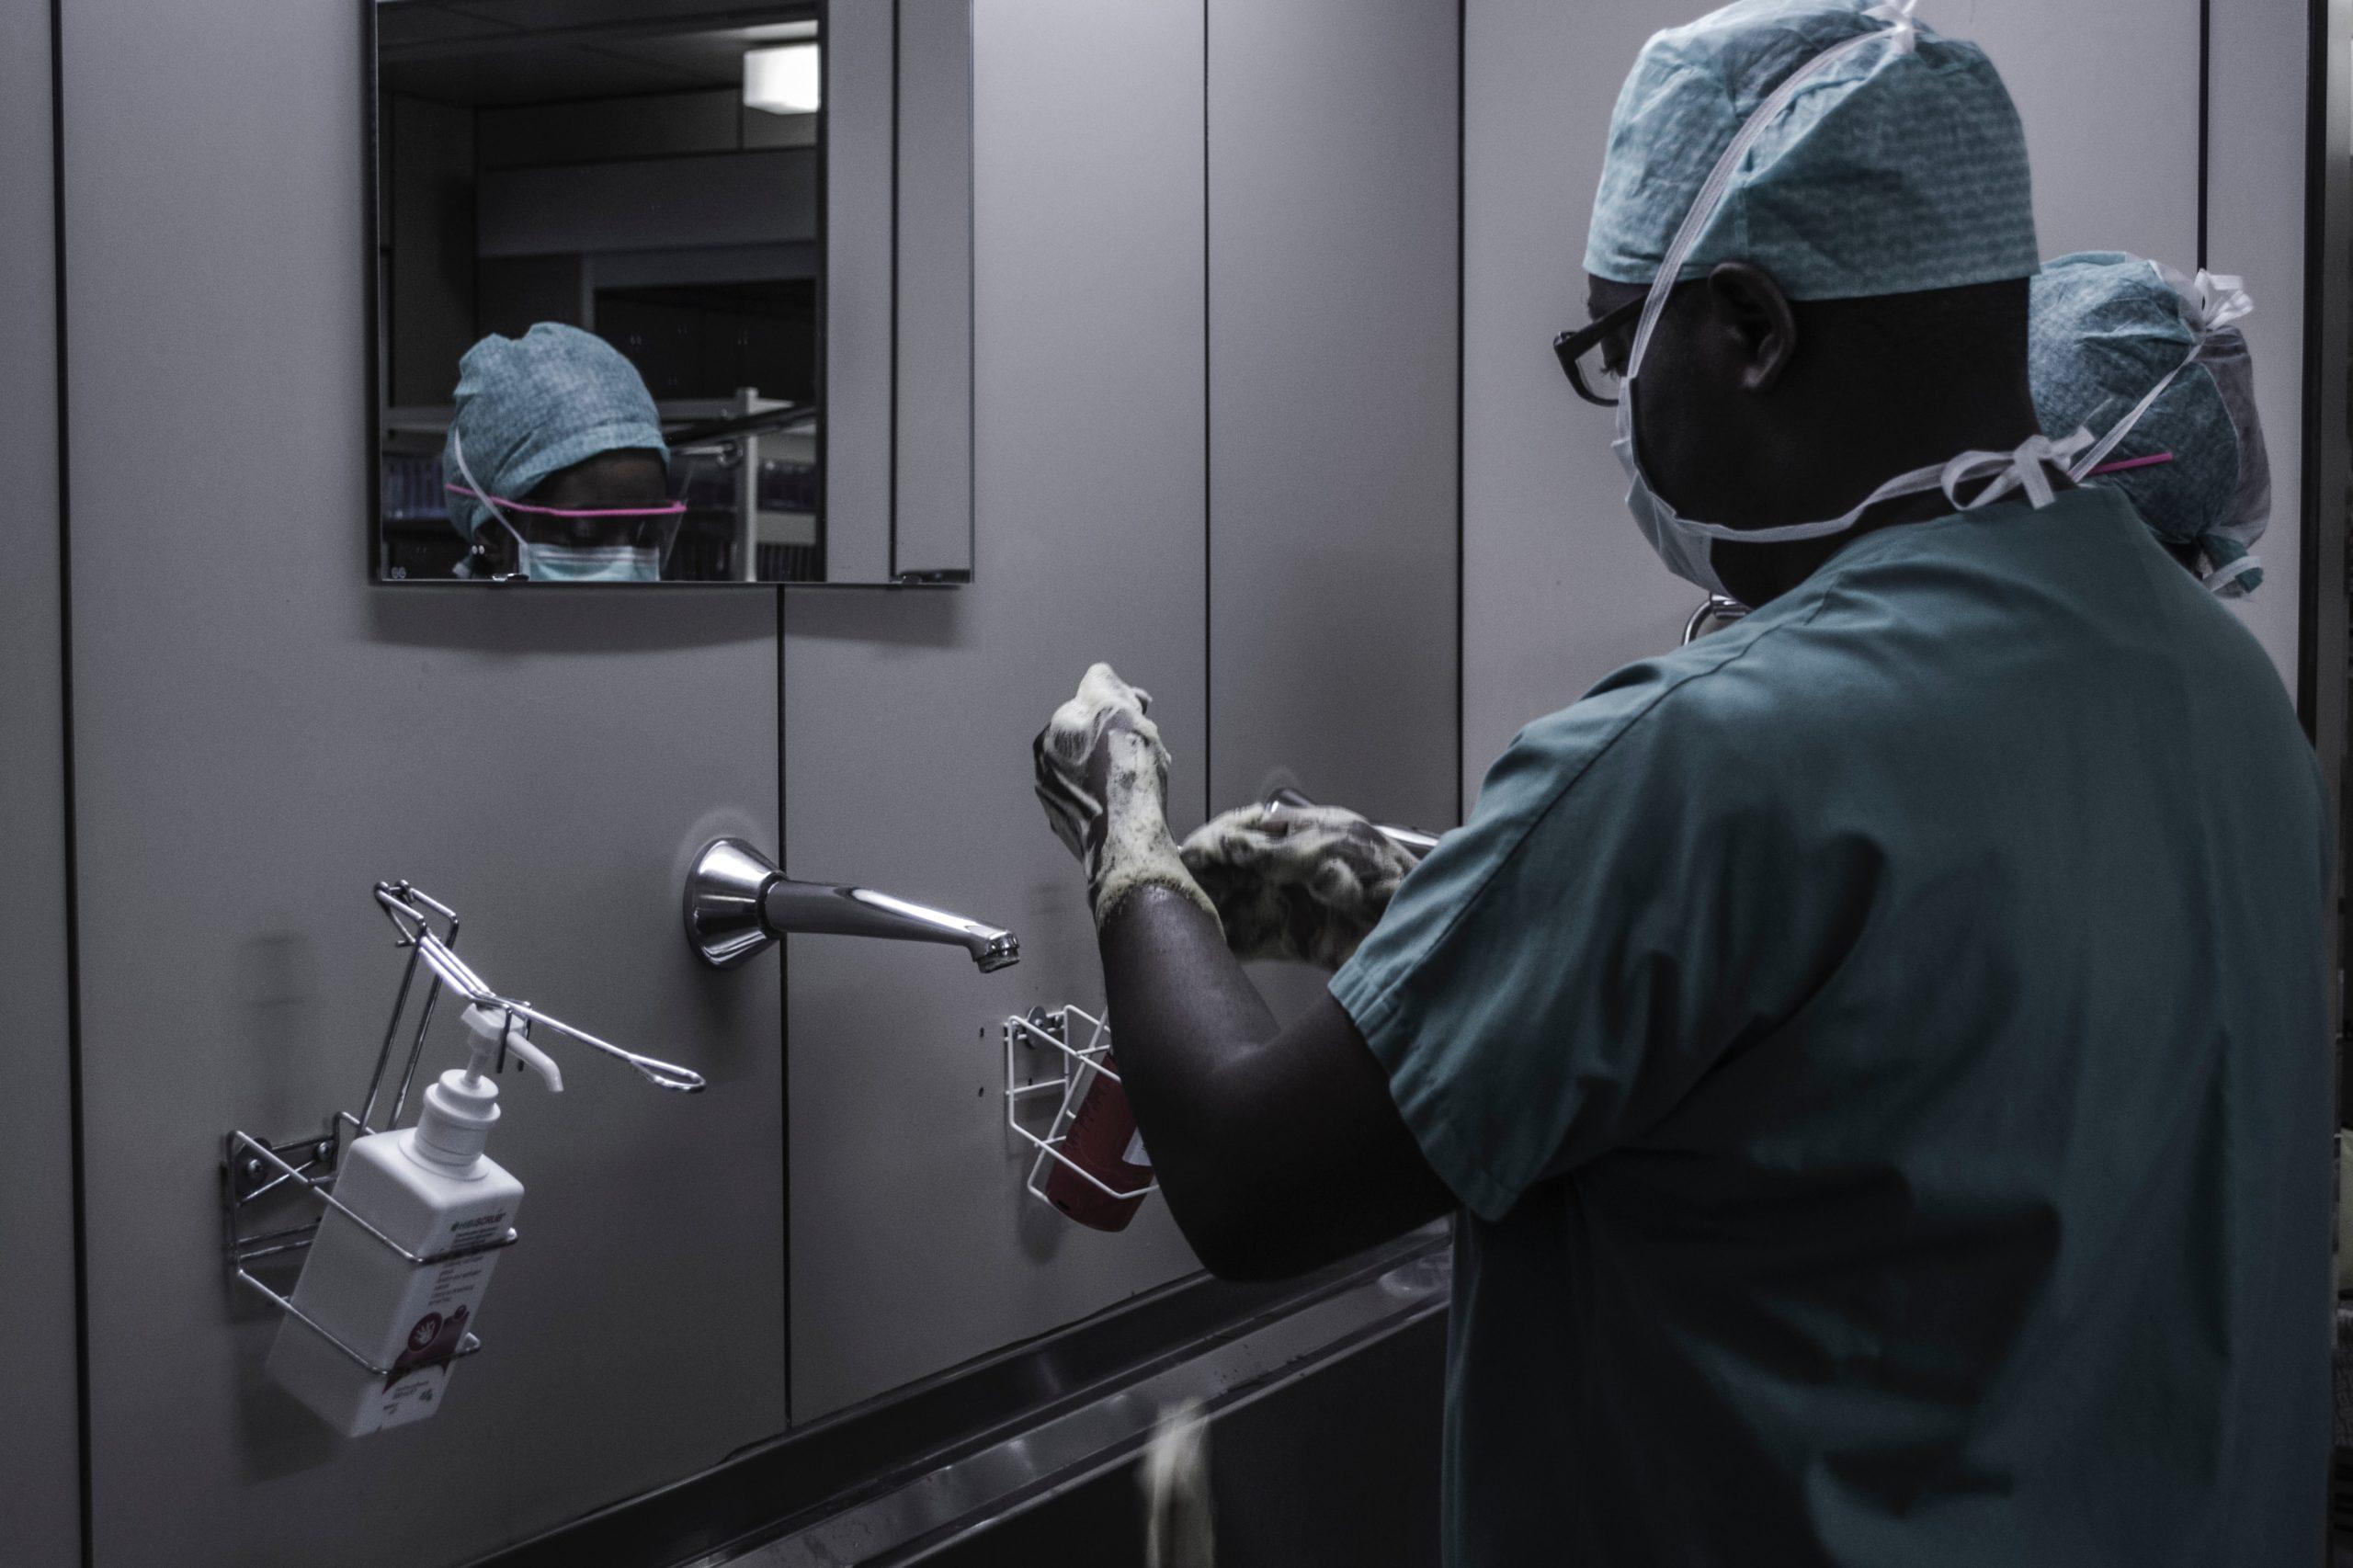 Saúde Complementar – Aspectos da Judicialização e Diretrizes para possíveis melhorias